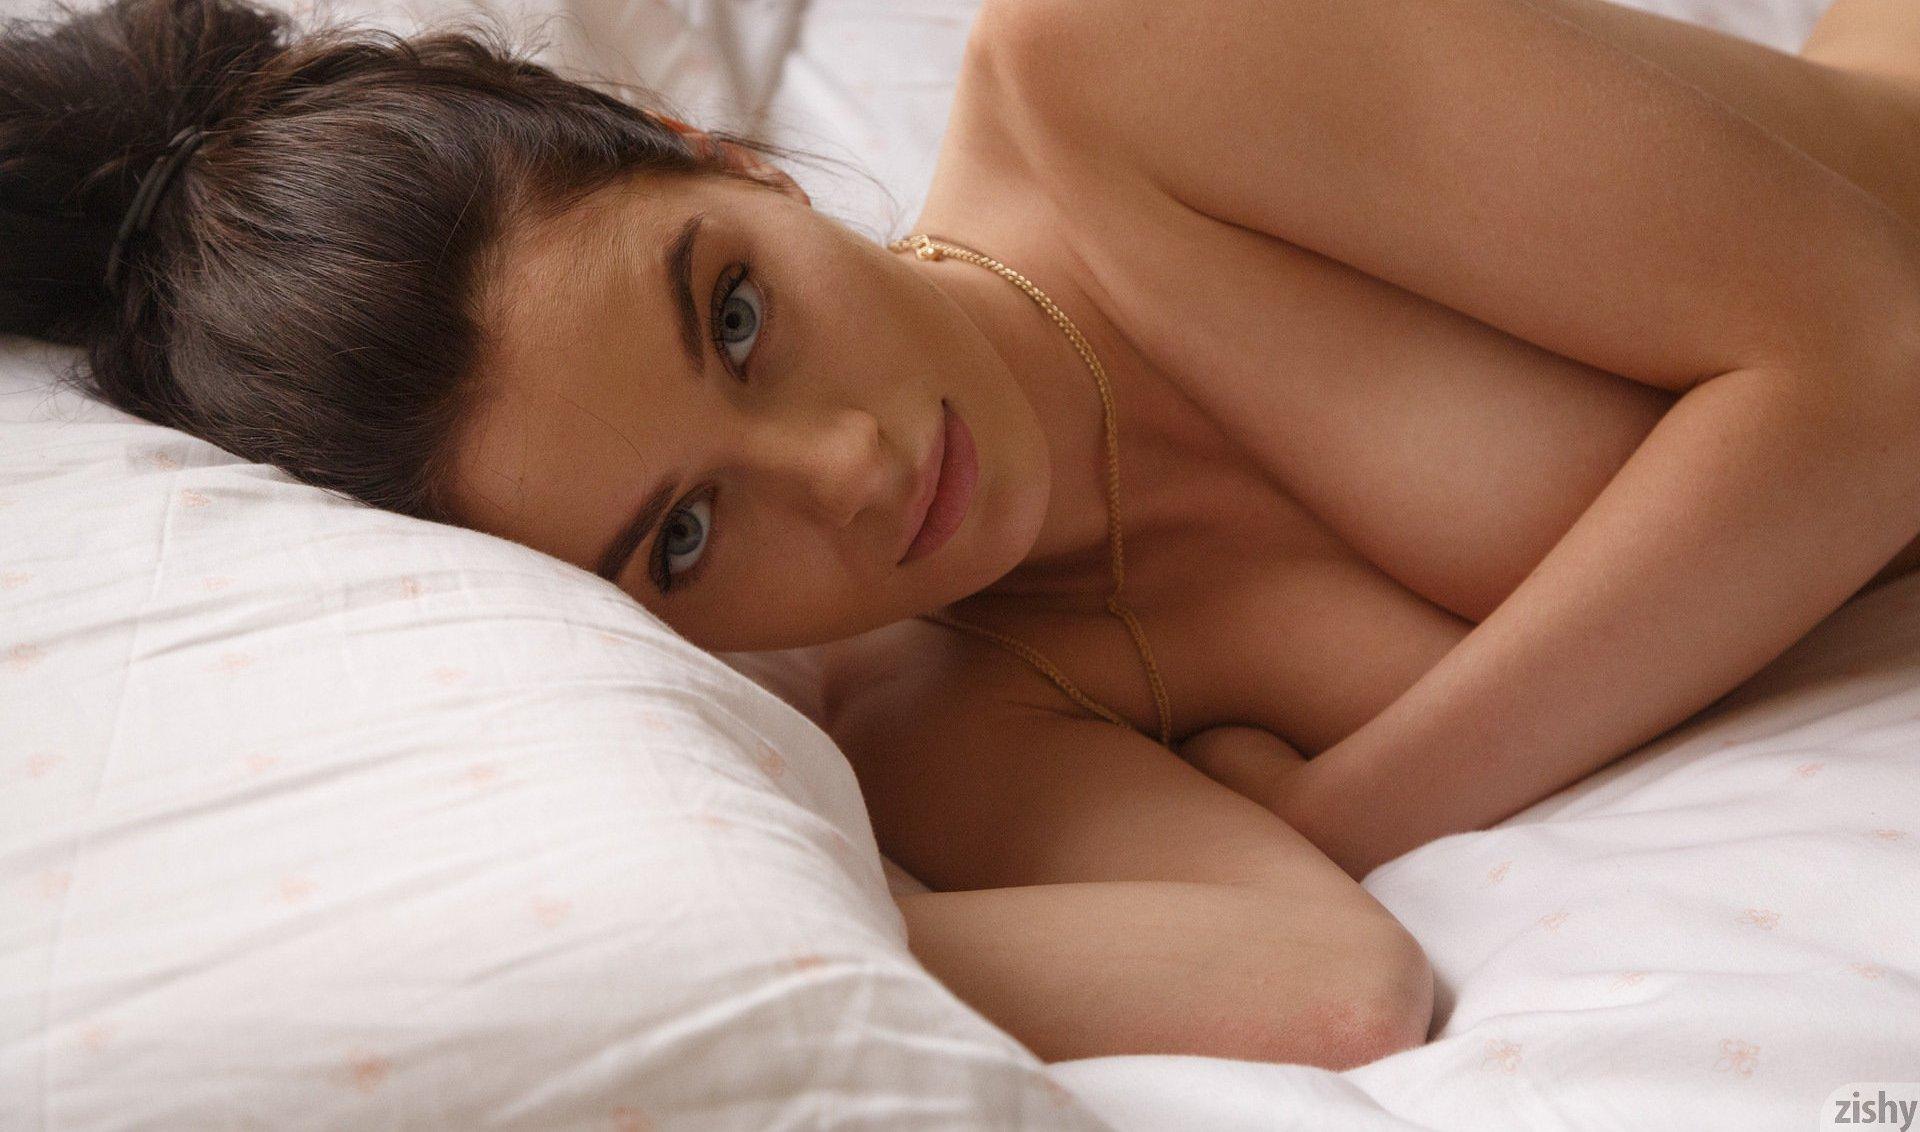 Lana Rhoades Lanarhoades Onlyfans Nude Leaks 0002